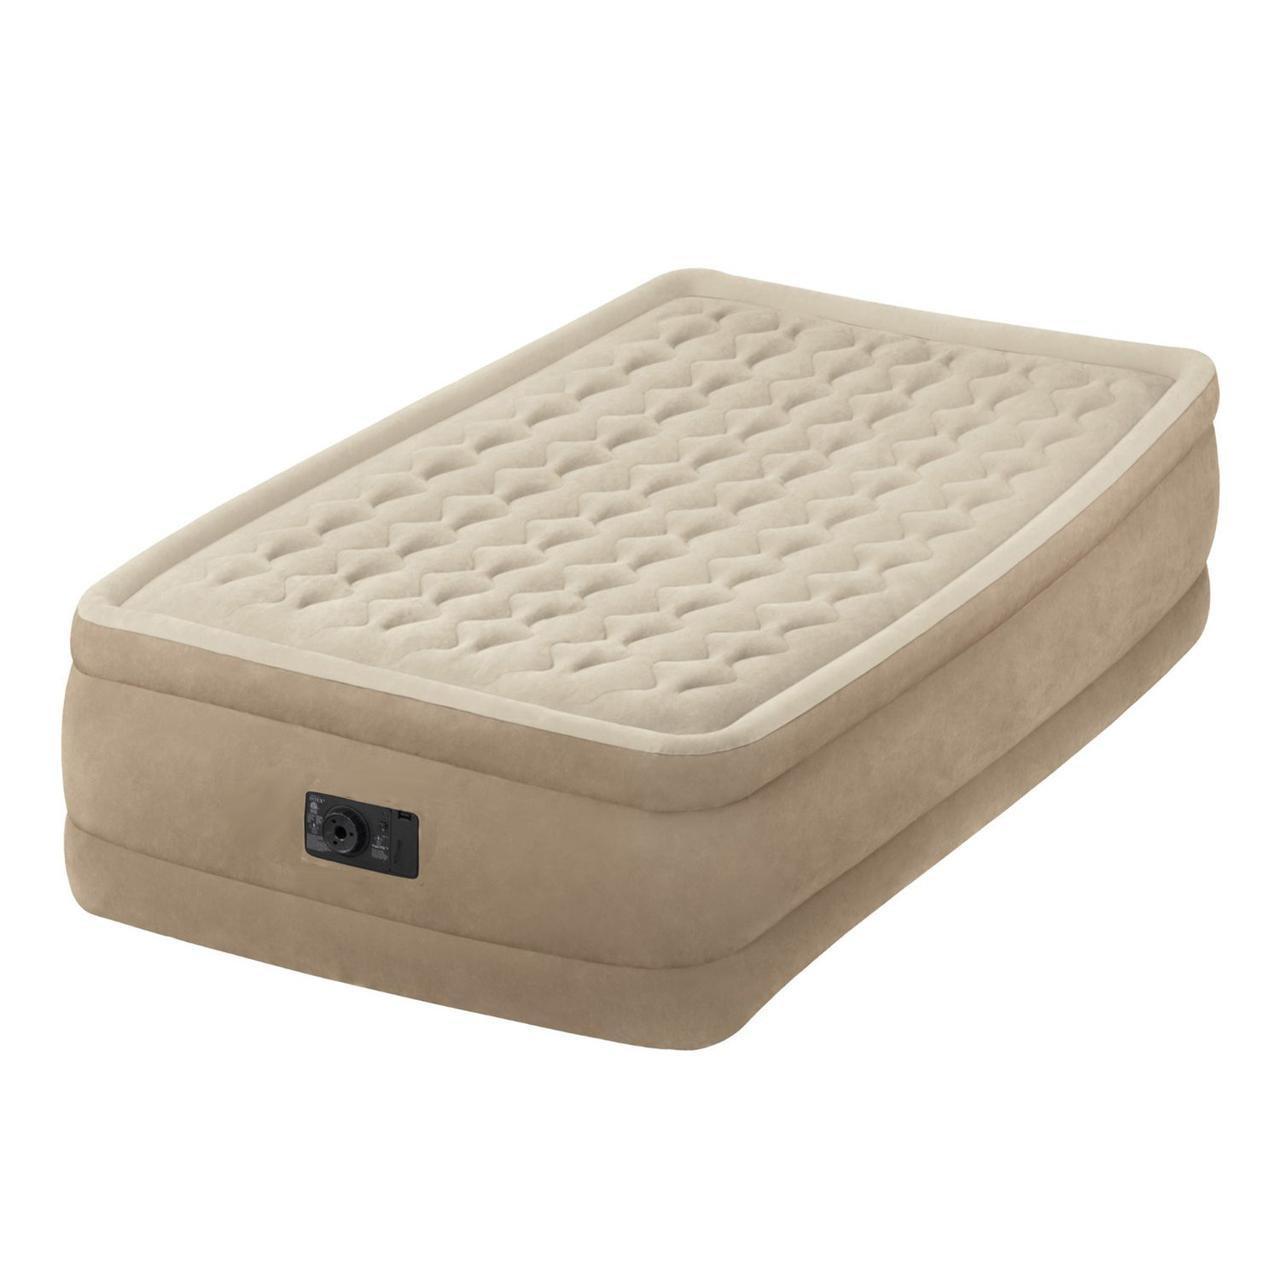 Надувная кровать Intex Twin Ultra Plush 64456 насос 220в, 99x191x46 см